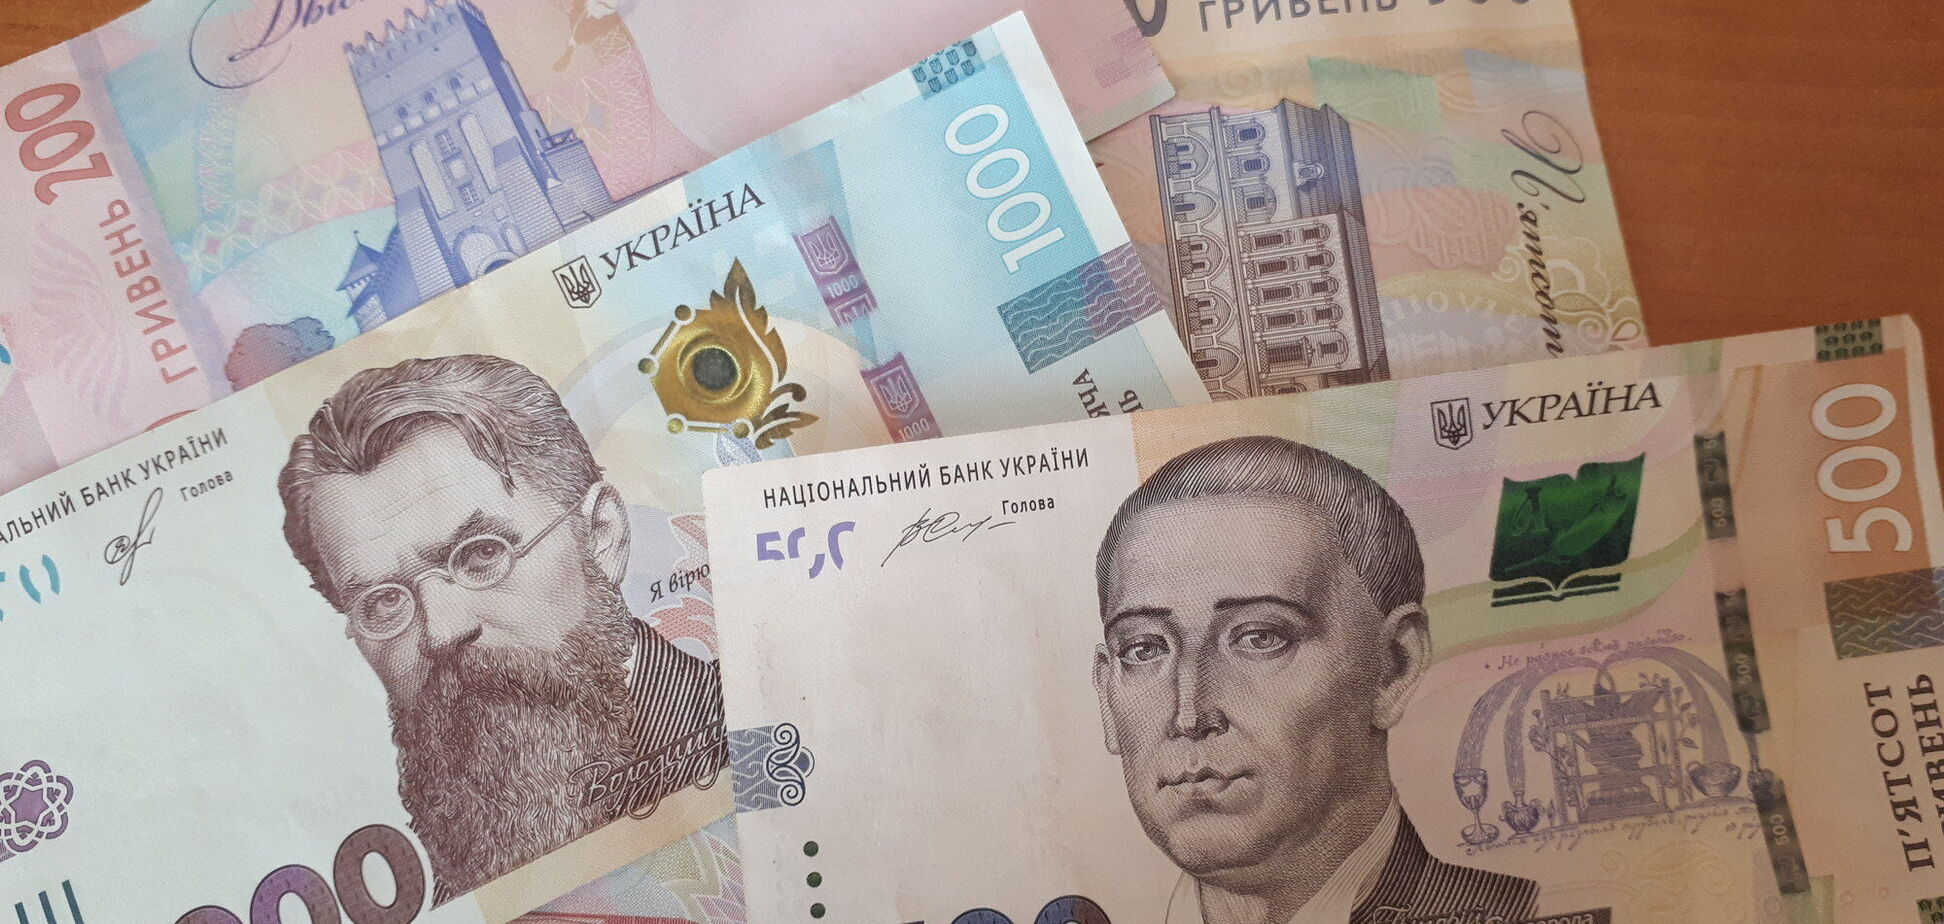 У НБУ розповіли, що відбувається з цінами та курсом долара в Україні